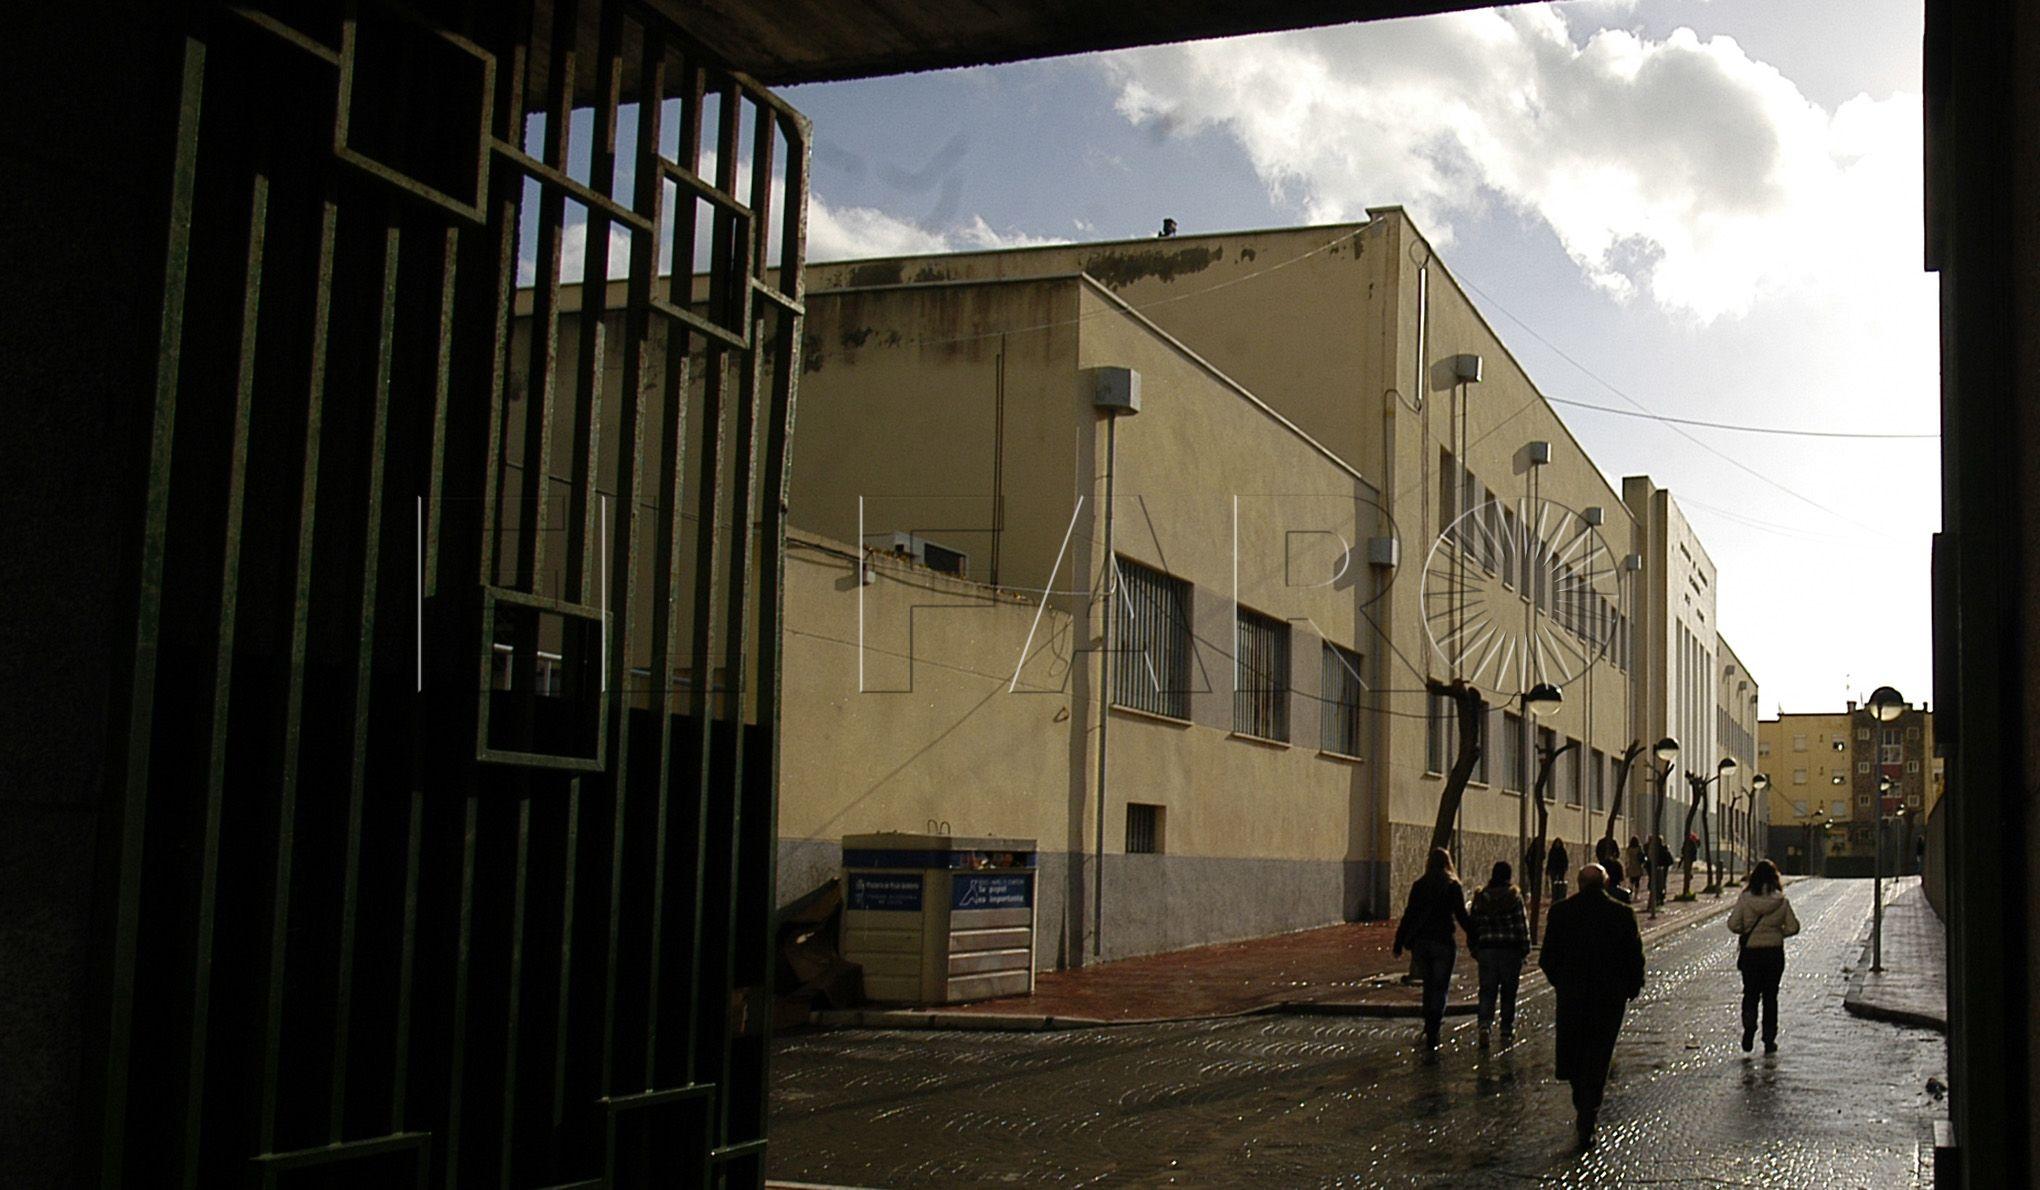 La agresión a una alumna en el Siete Colinas no se calificó como acoso